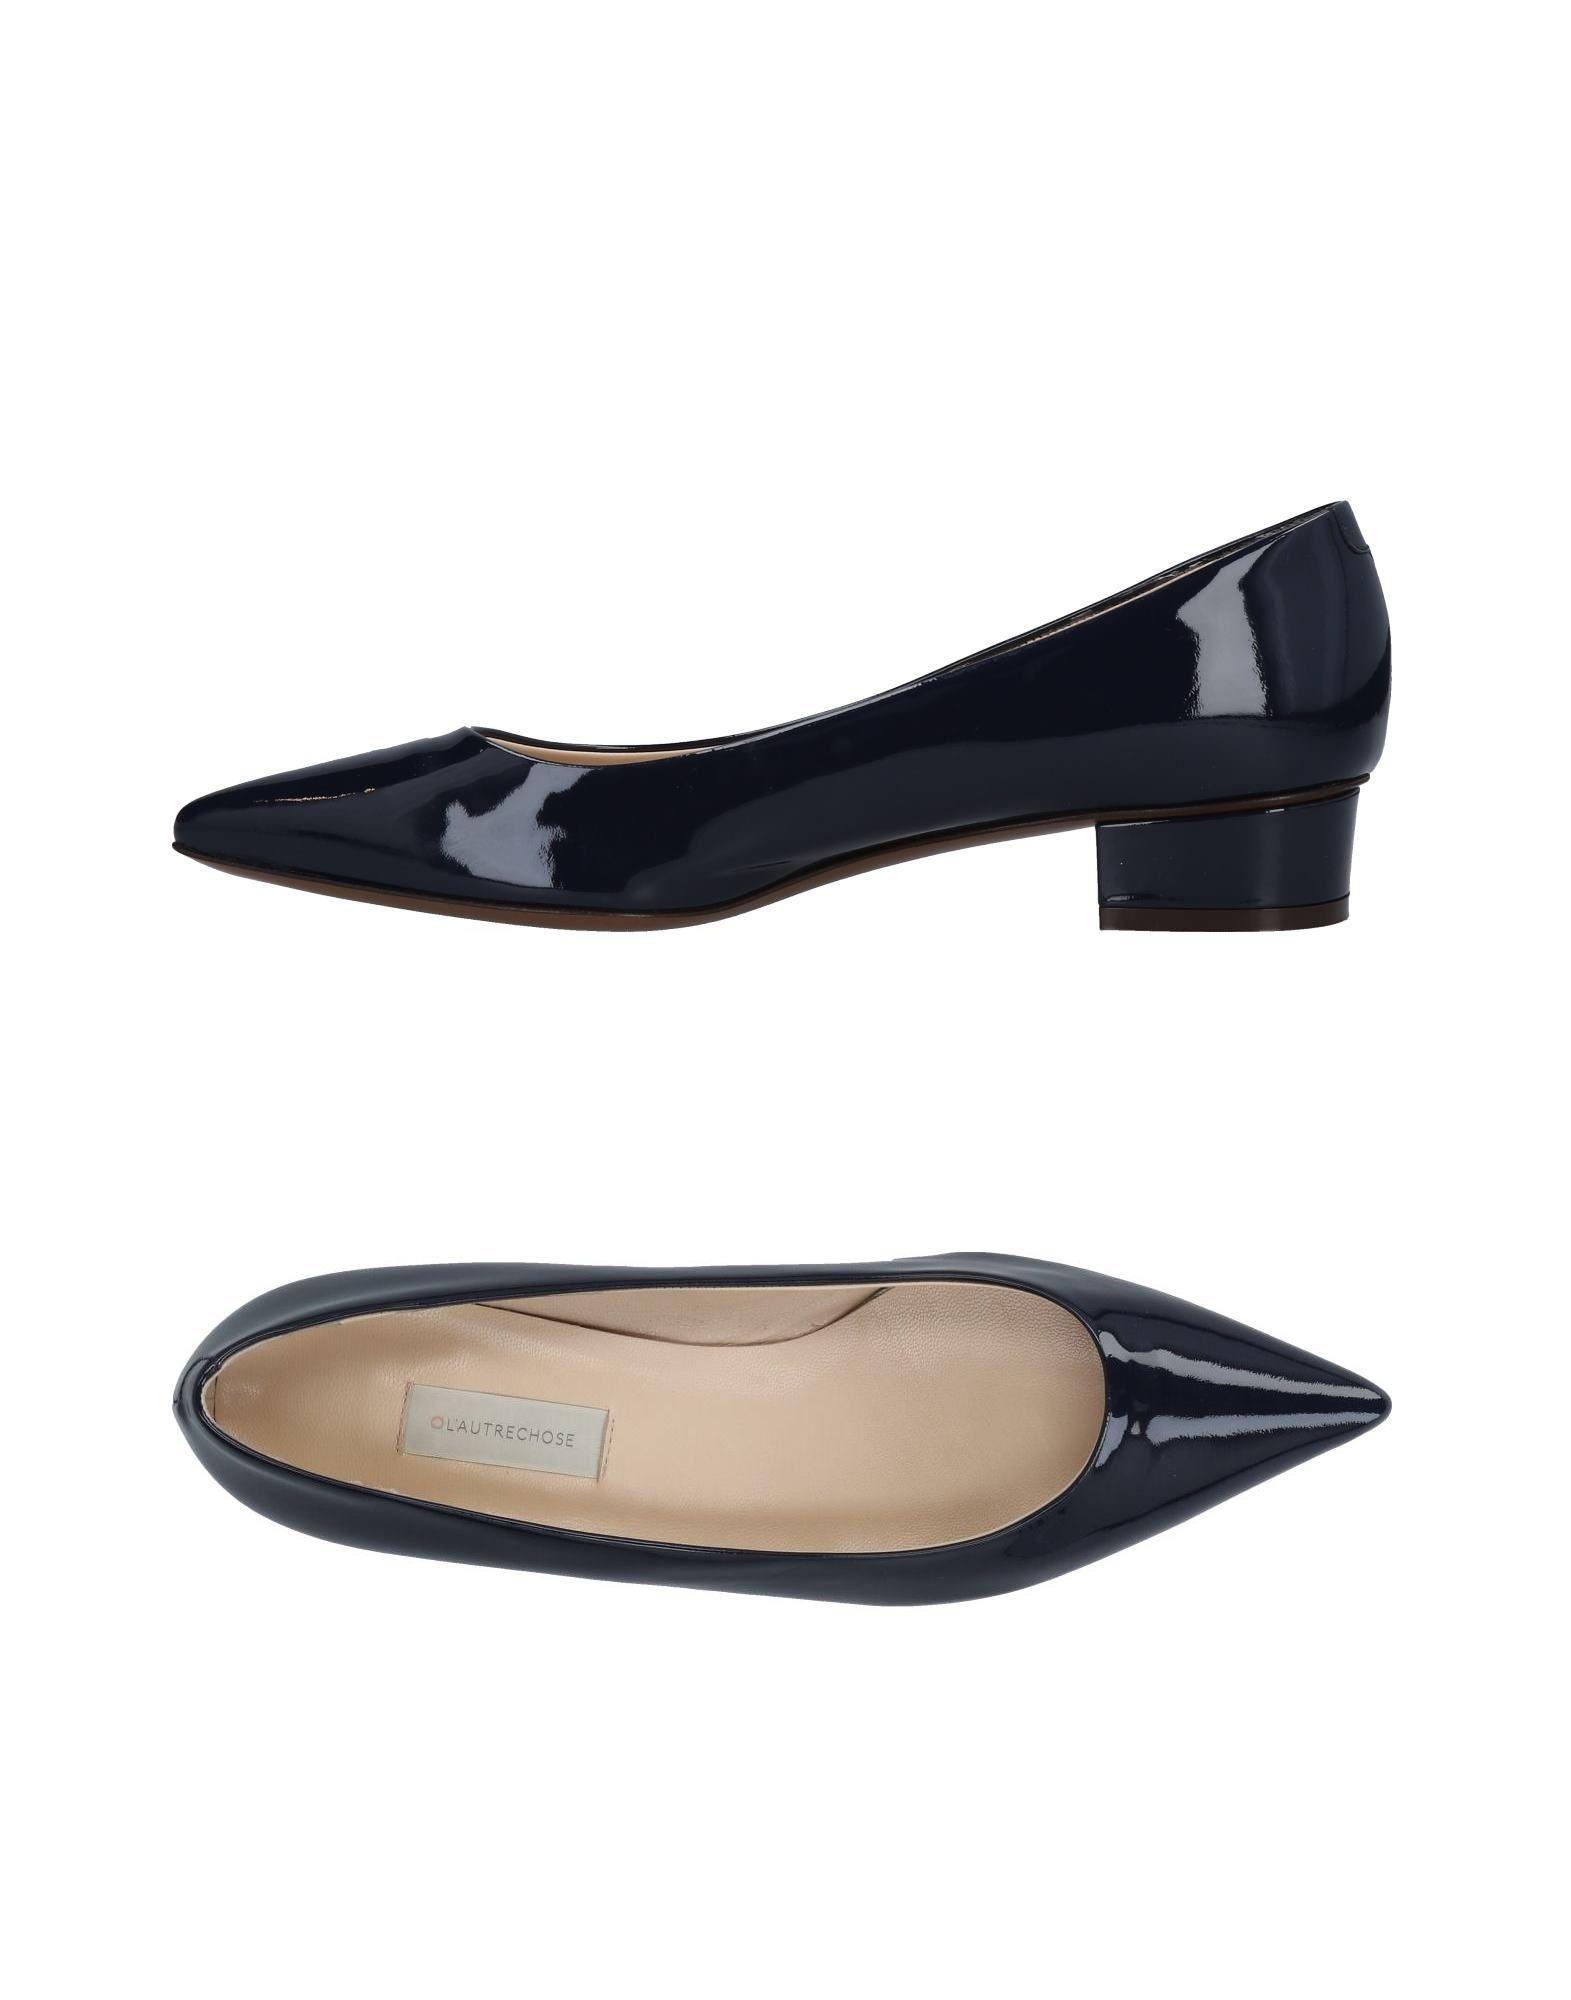 Stilvolle Chose billige Schuhe L' Autre Chose Stilvolle Pumps Damen  11486485OC 149cfb